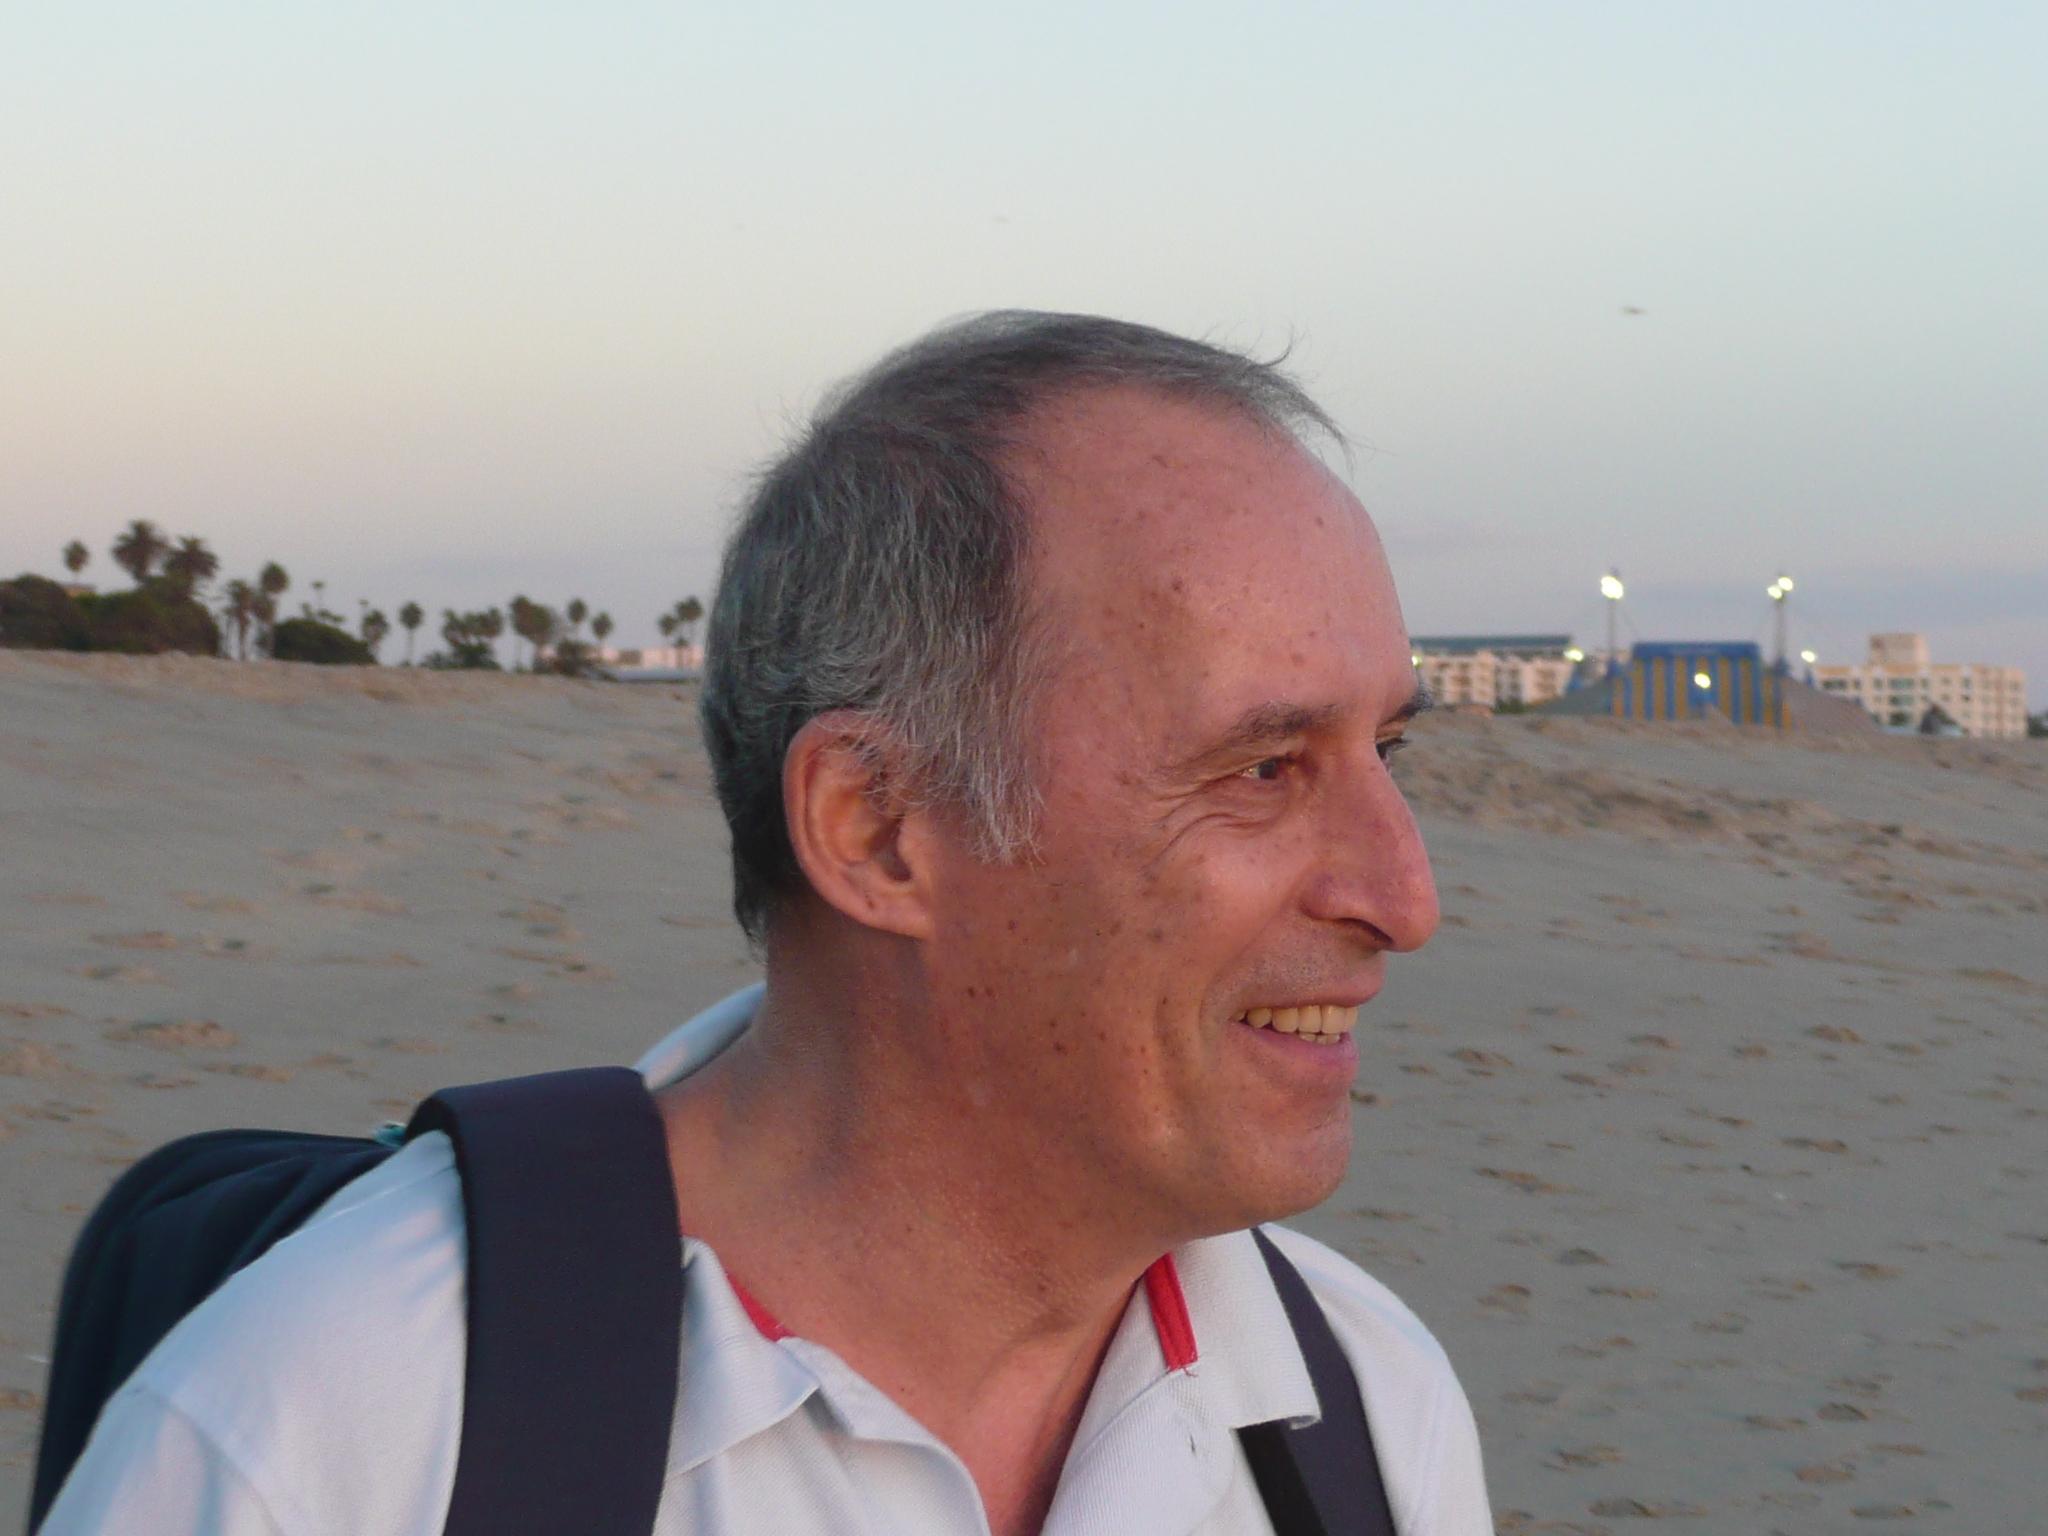 Imre Bárány